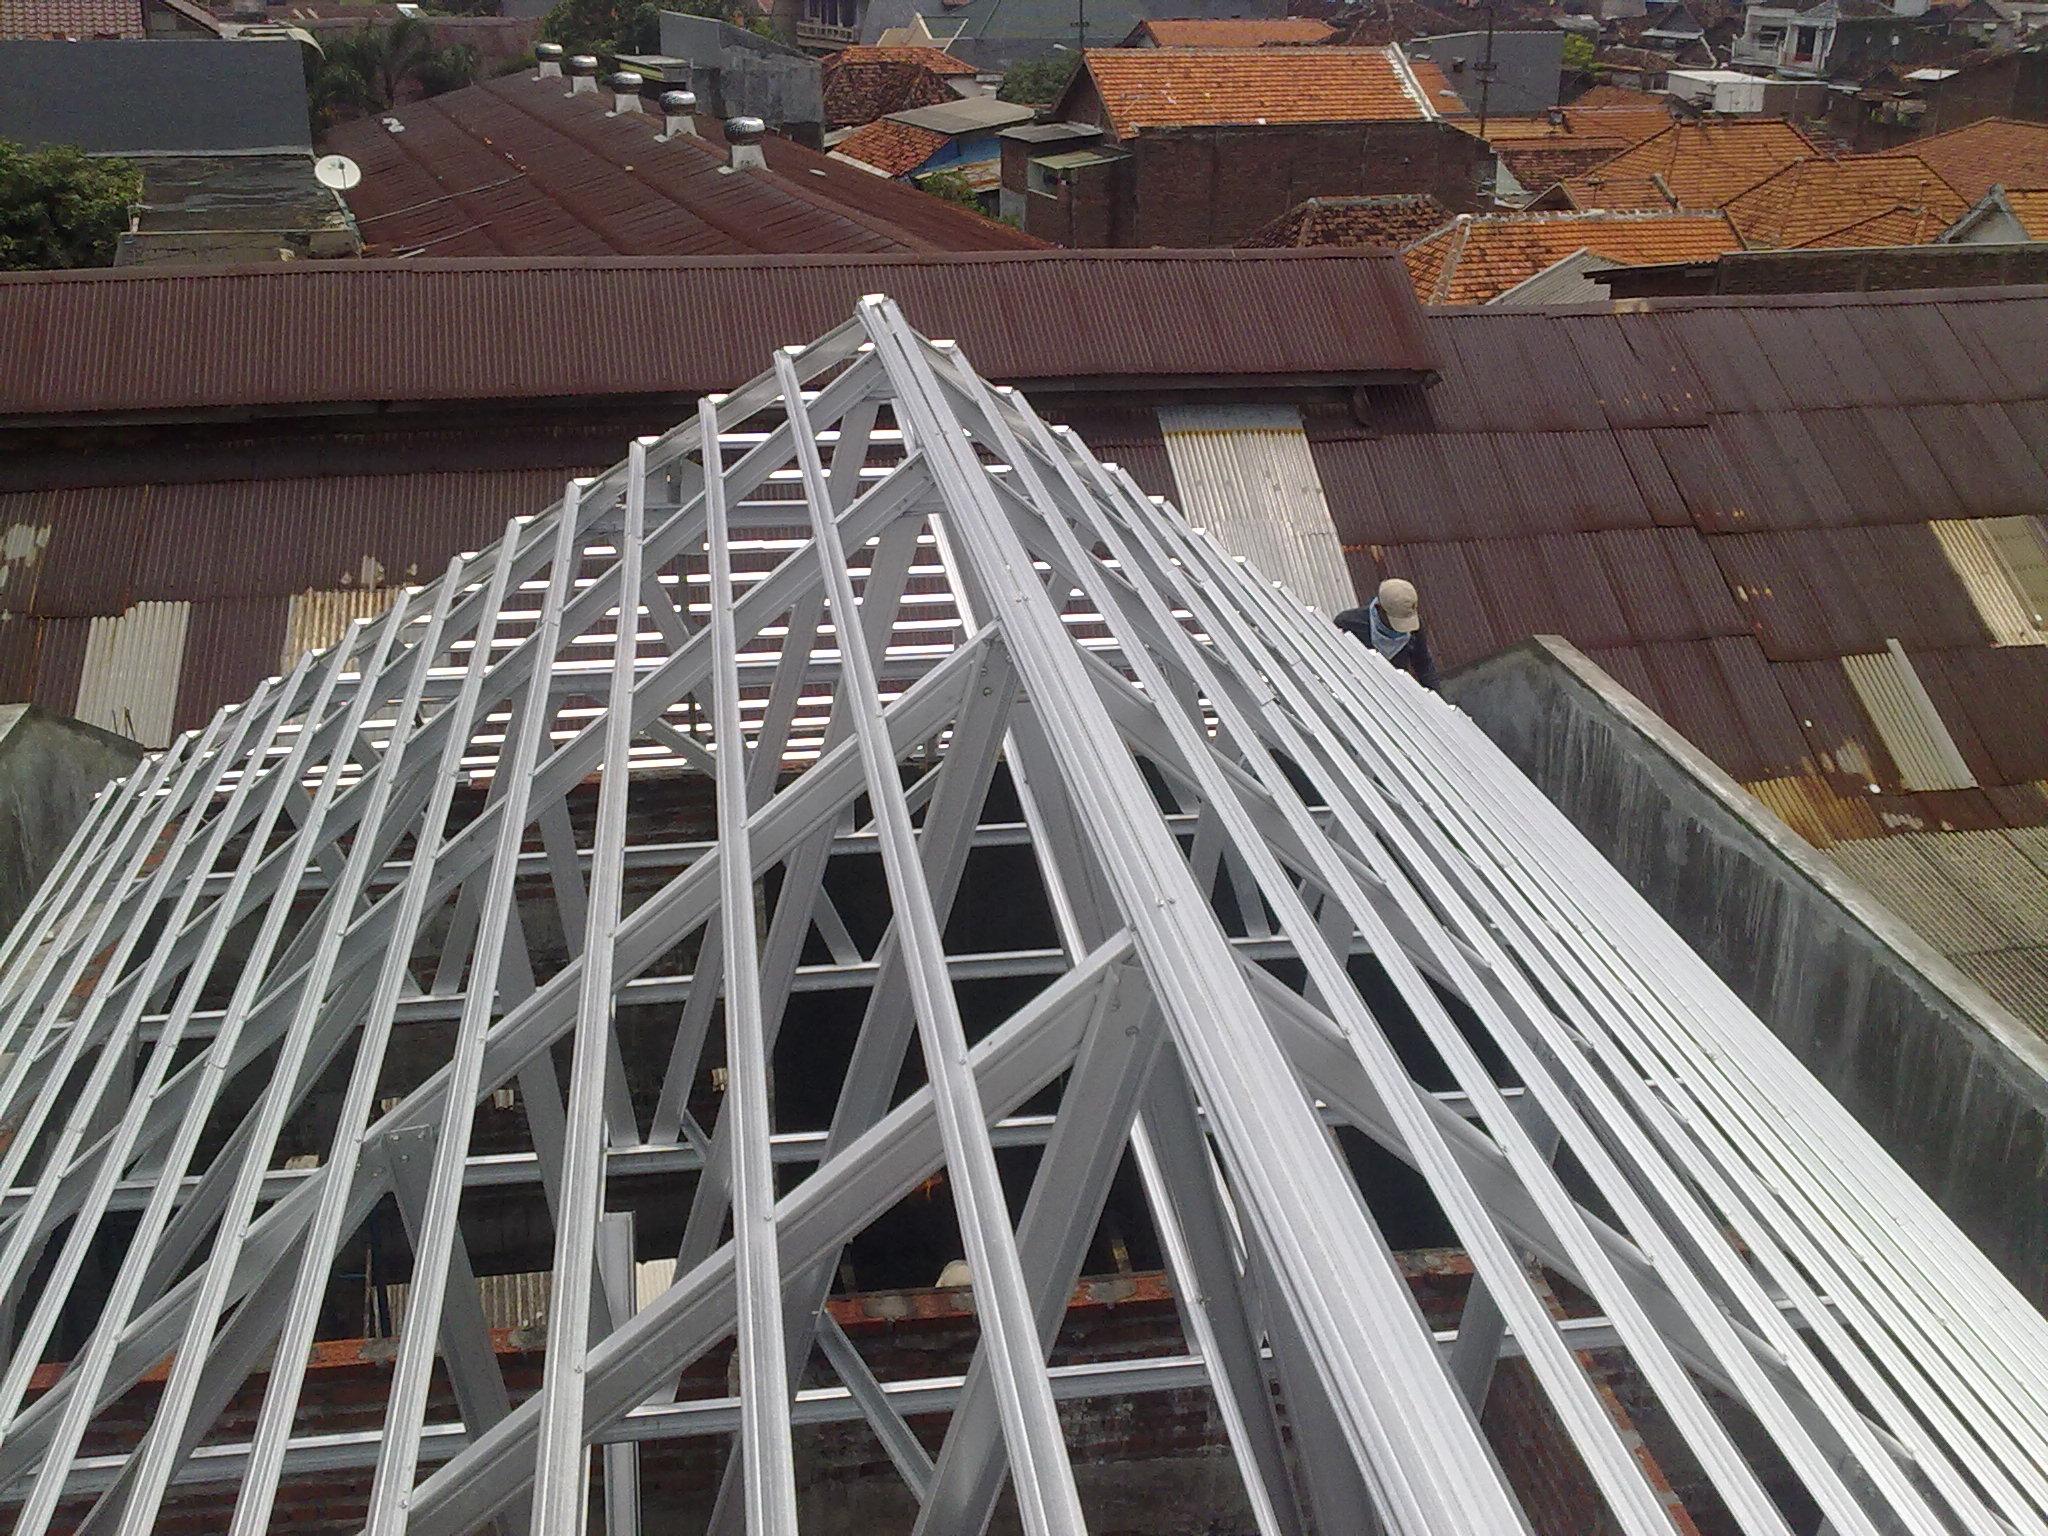 pasang atap baja ringan di cianjur project rangka galvalum krembangan ...